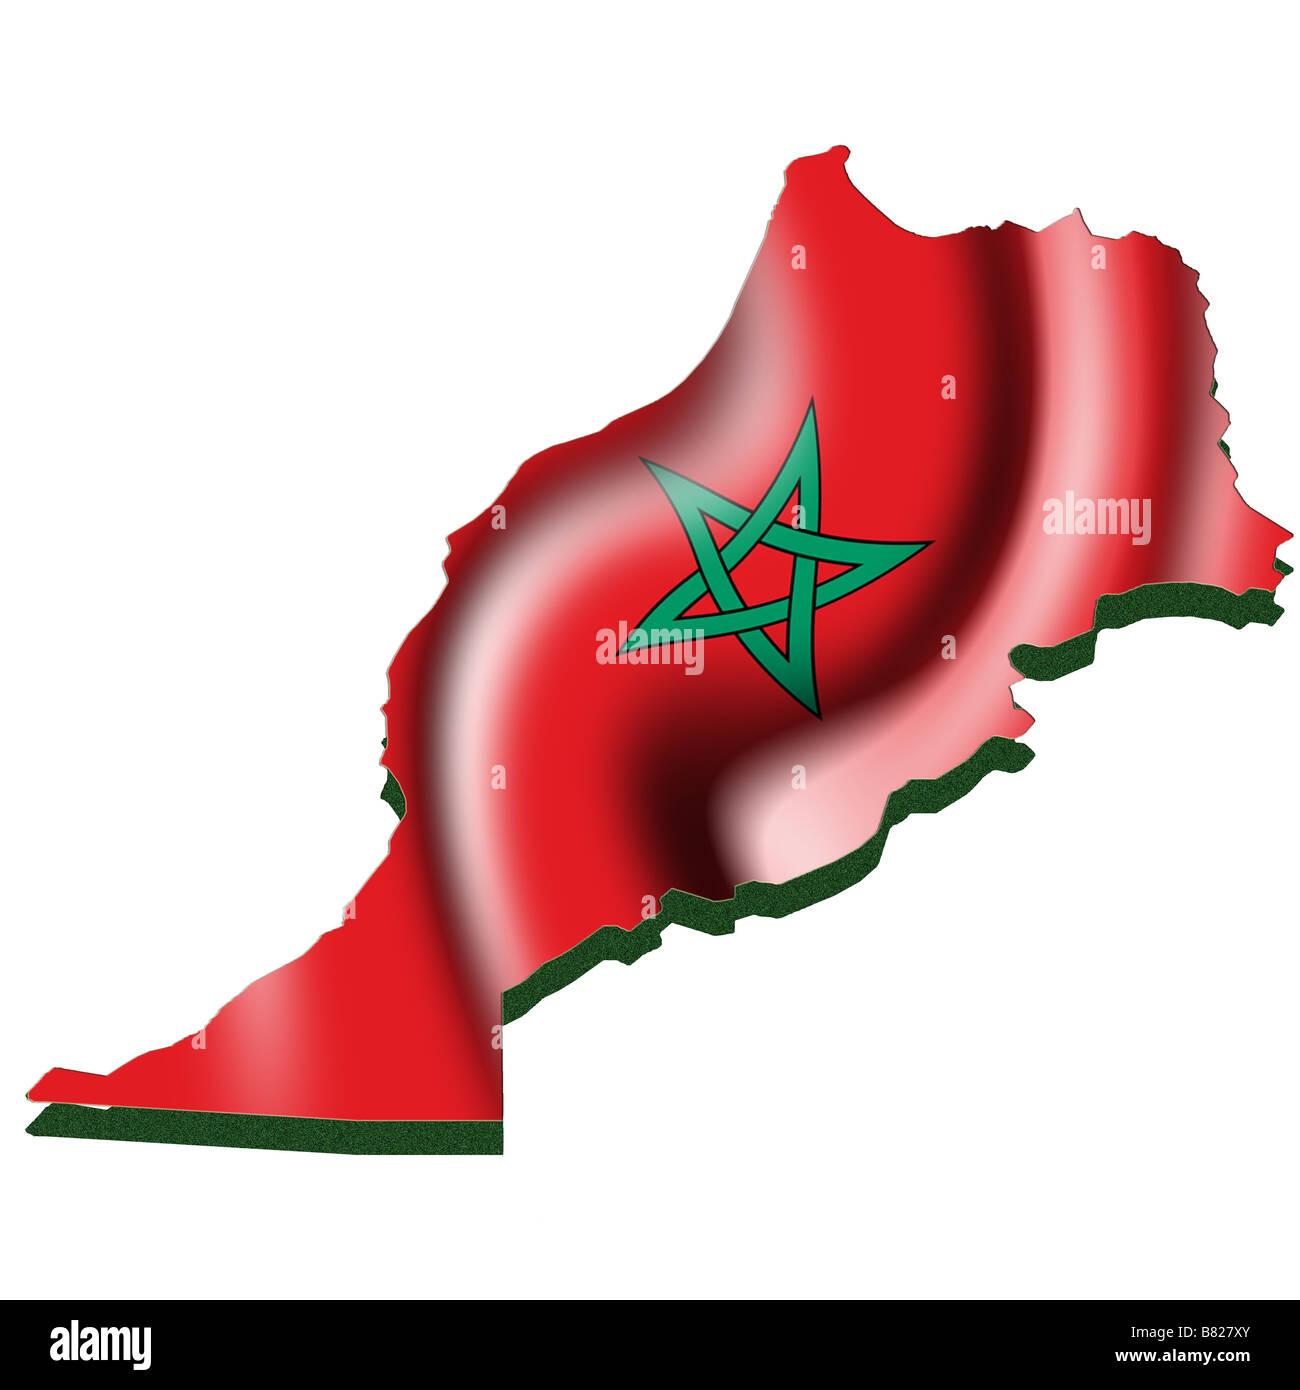 Cartina Fisica Del Marocco.Mappa Di Contorno E Bandiera Del Marocco Foto Stock Alamy